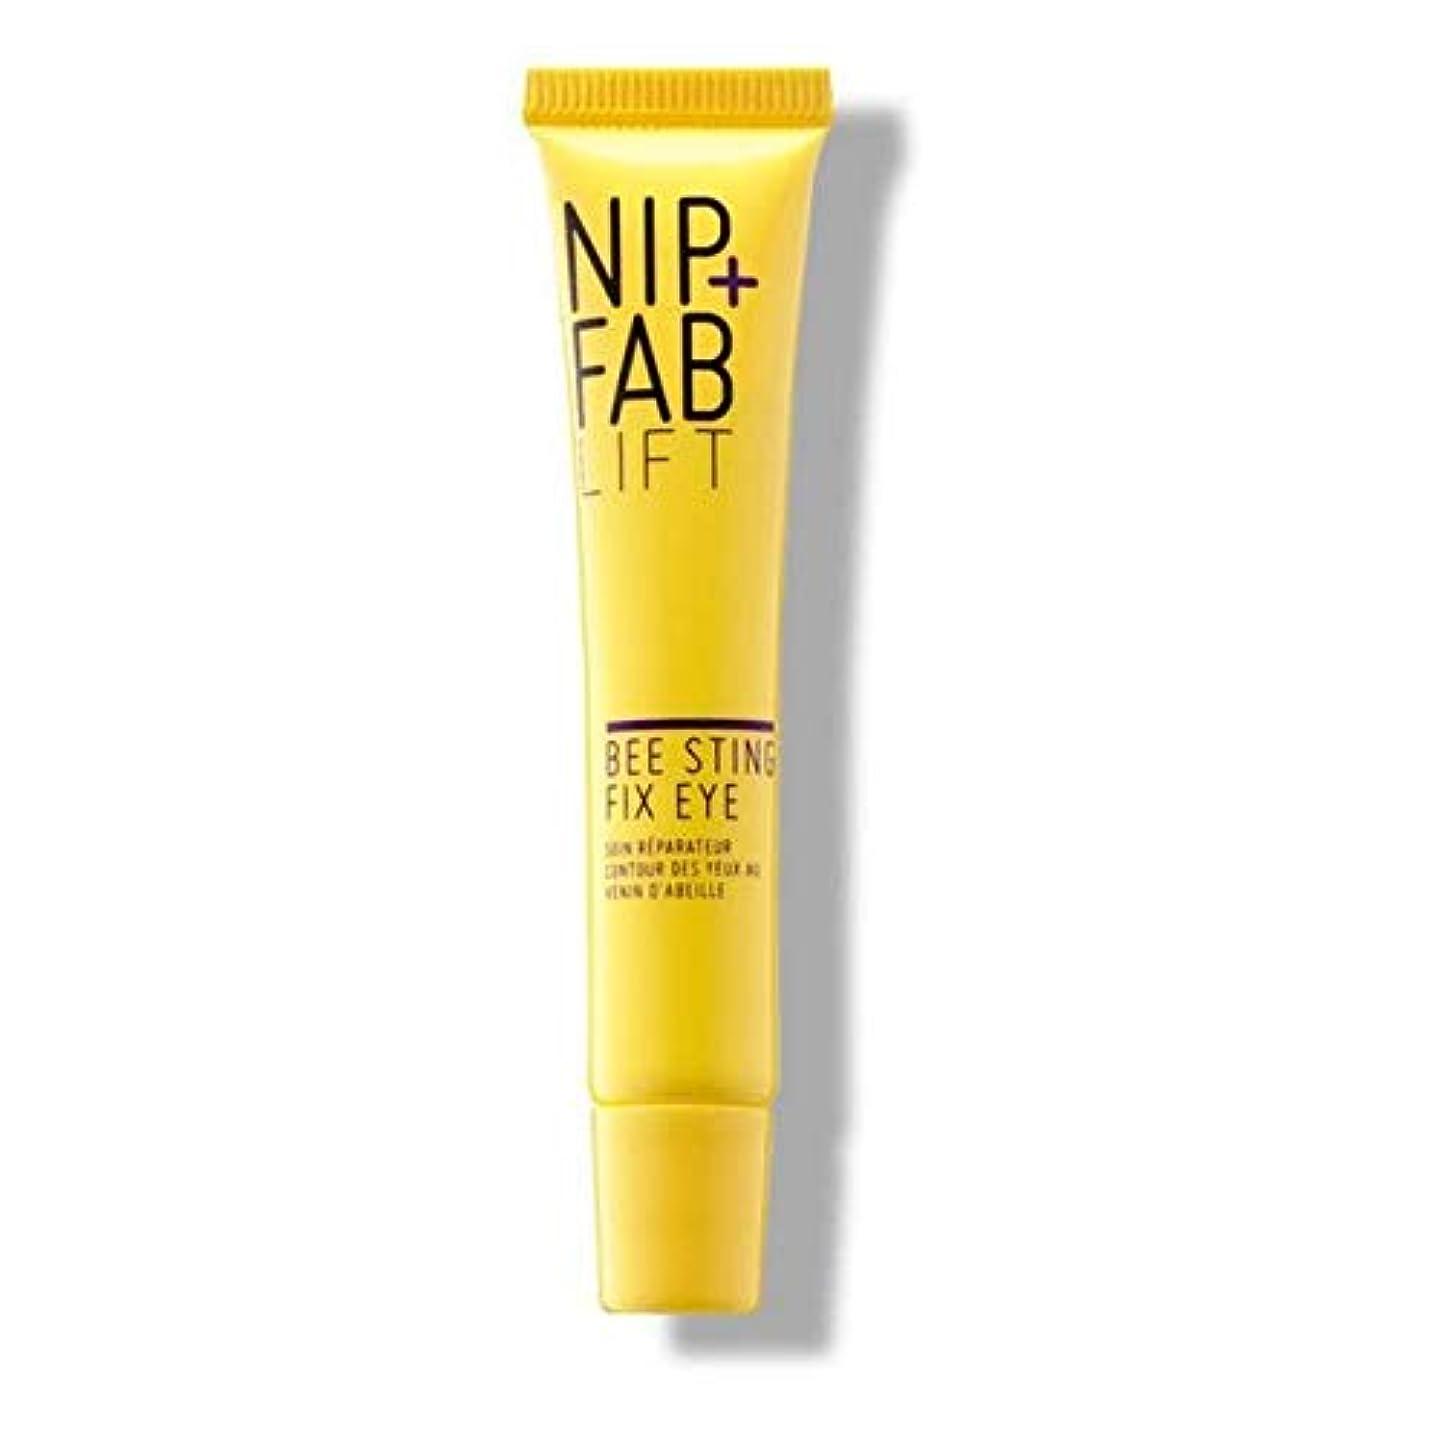 加速する組生物学[Nip & Fab] + Fab蜂刺傷修正アイクリーム15Mlニップ - Nip+Fab Bee Sting Fix Eye Cream 15ml [並行輸入品]